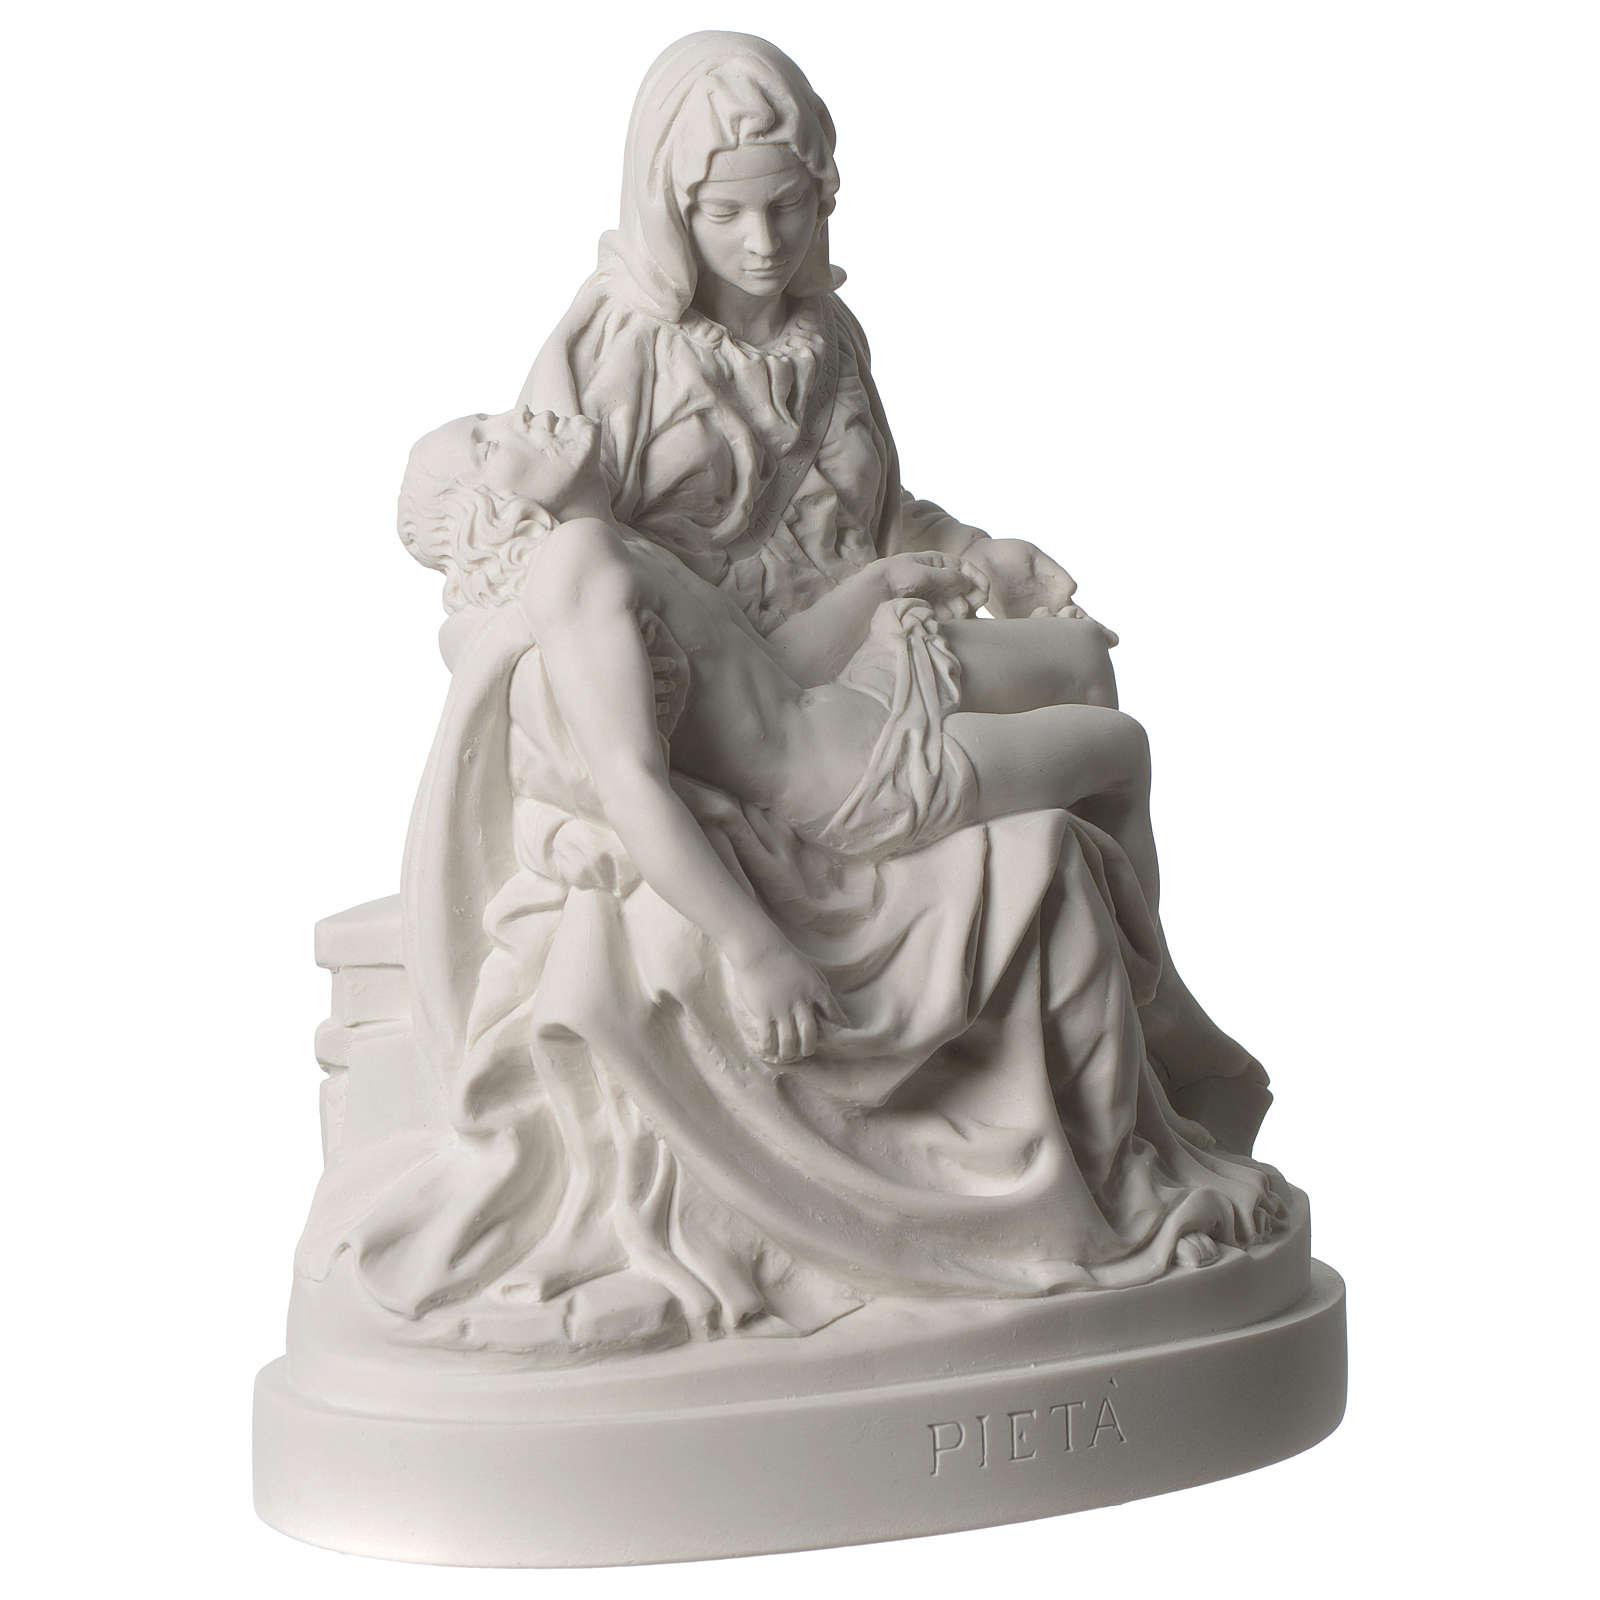 Statua Pietà di Michelangelo marmo sintetico bianco 25 cm 4